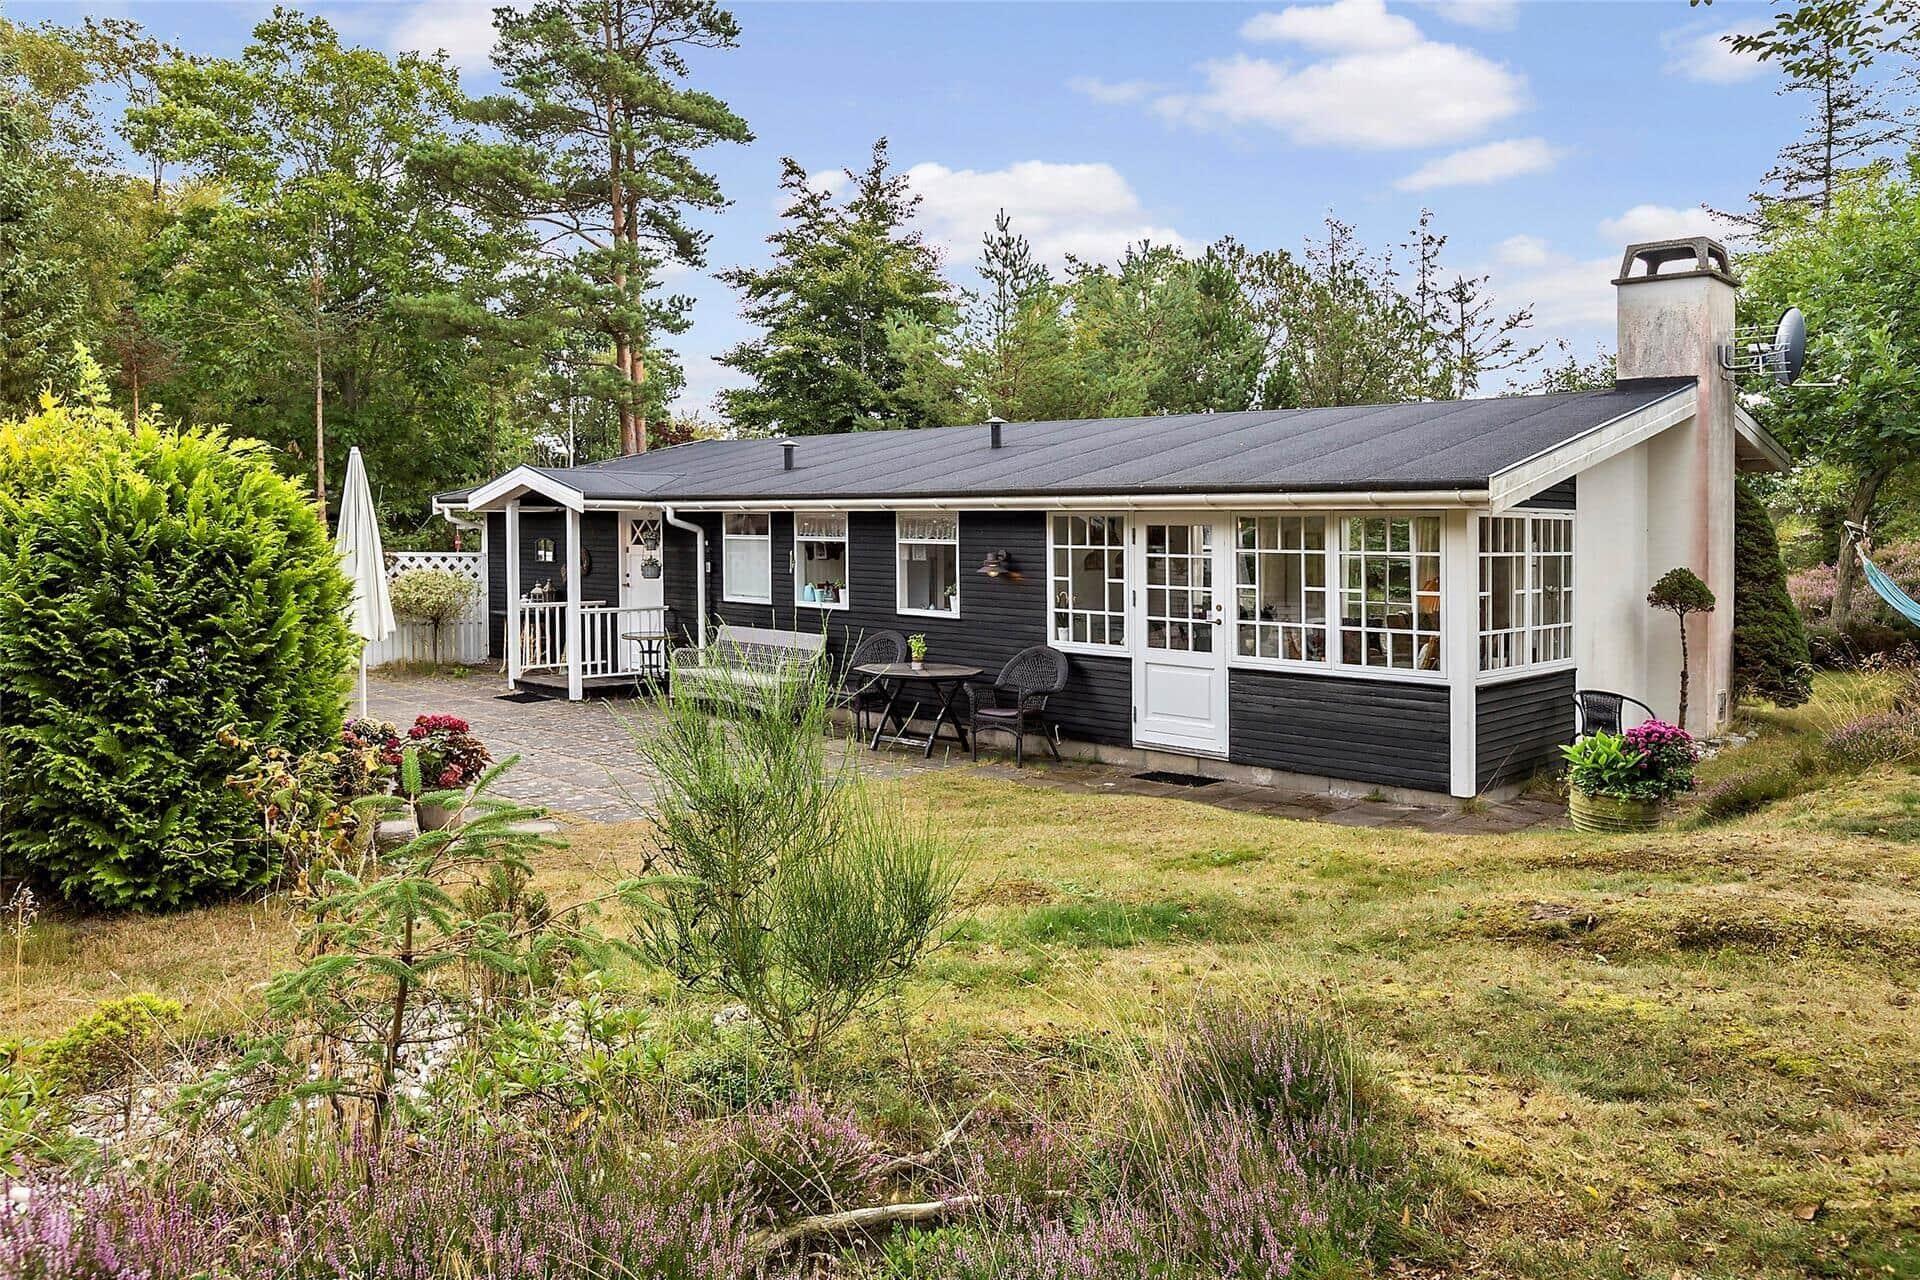 Billede 1-401 Sommerhus HA116, Caprifolvej 10, DK - 9370 Hals